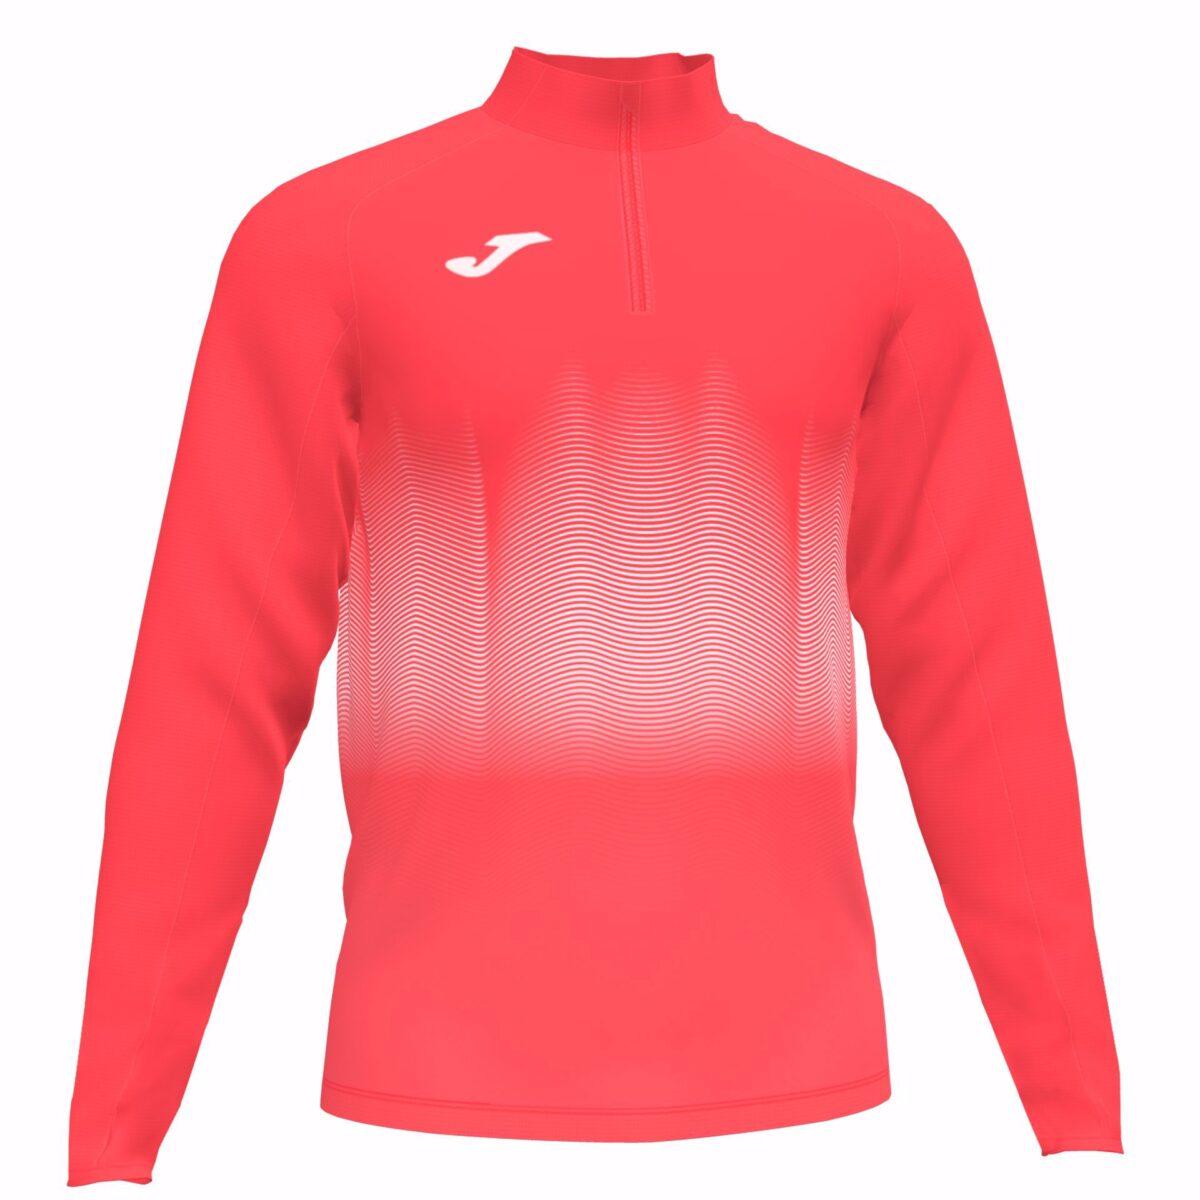 Joma Elite VII 1/4 zip sweatshirt 101541